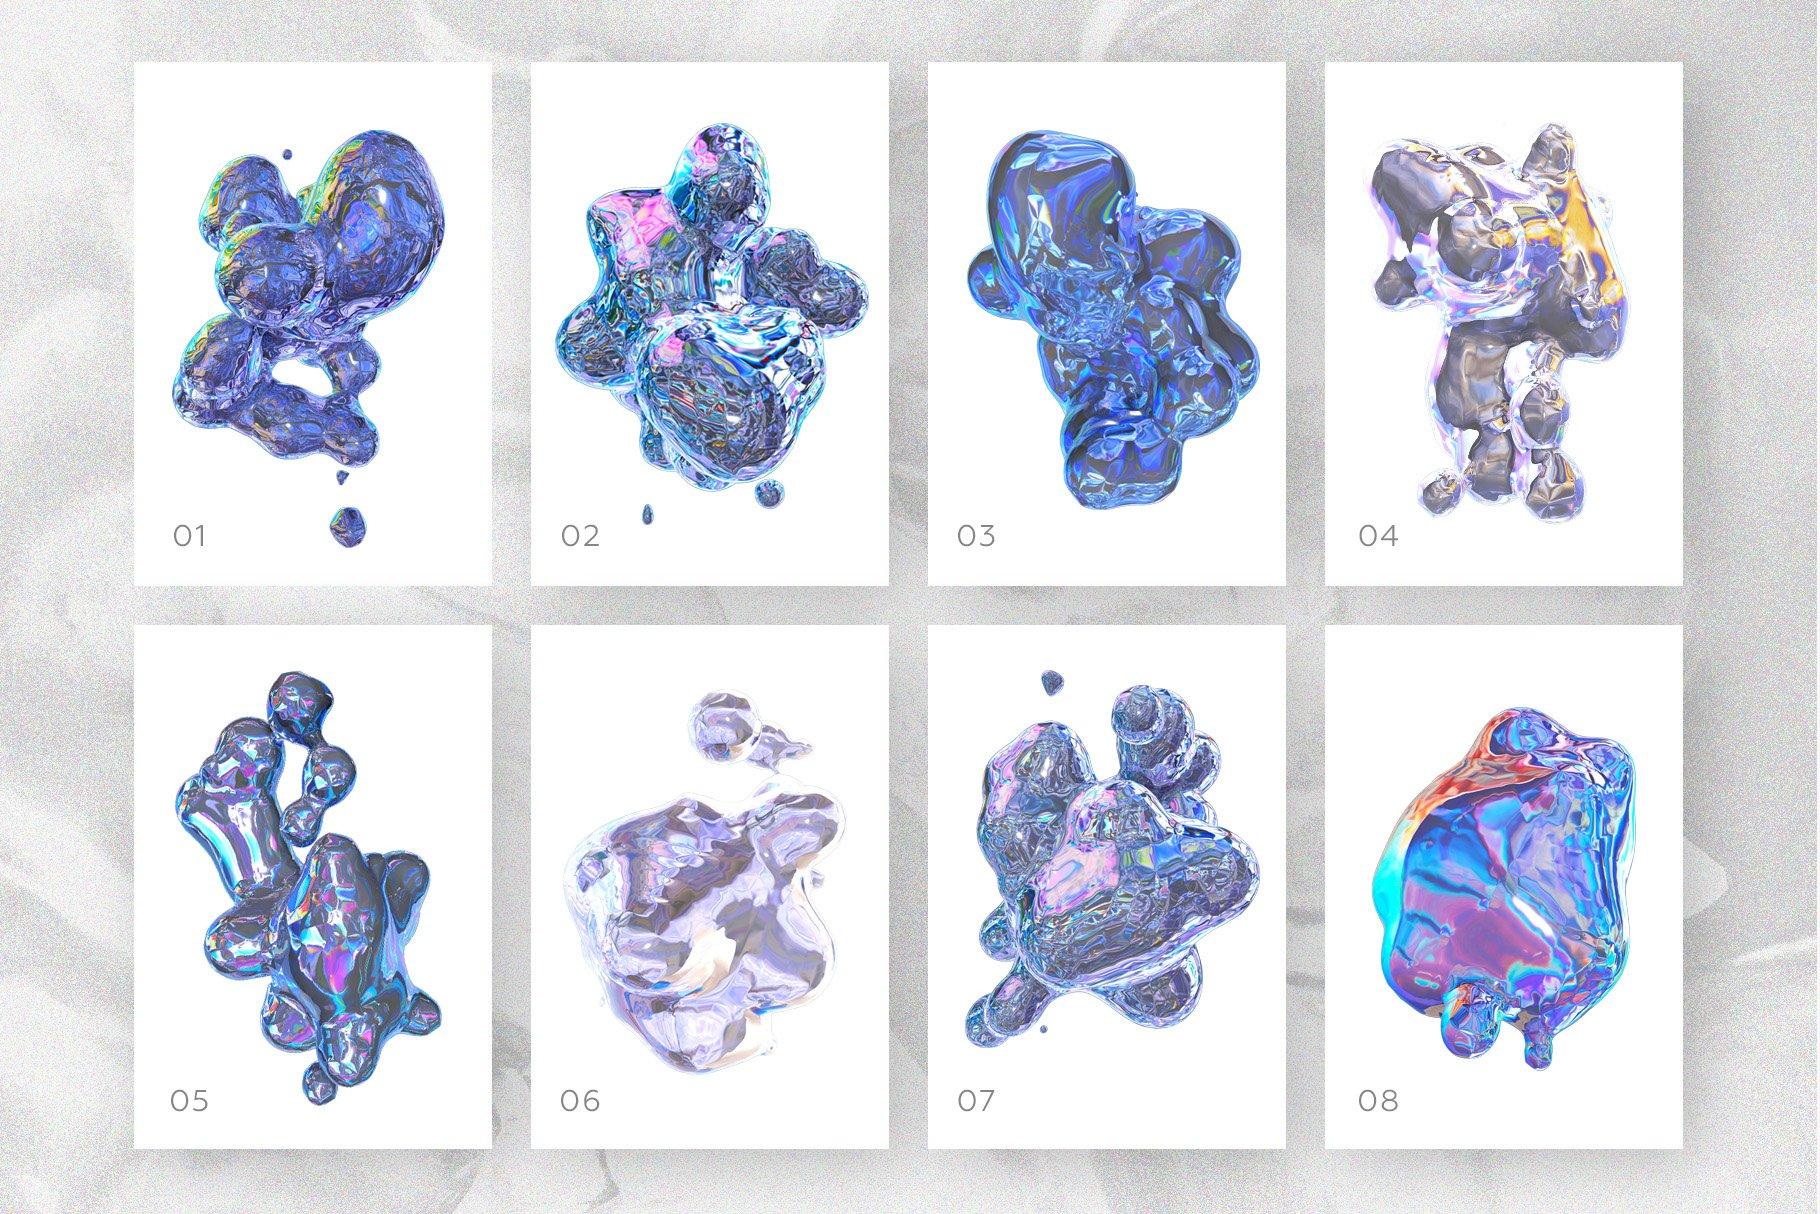 [淘宝购买] 23款抽象全息渐变不规则碎裂3D水滴流体图形设计素材 FOIL SHAPES Color Version插图(4)